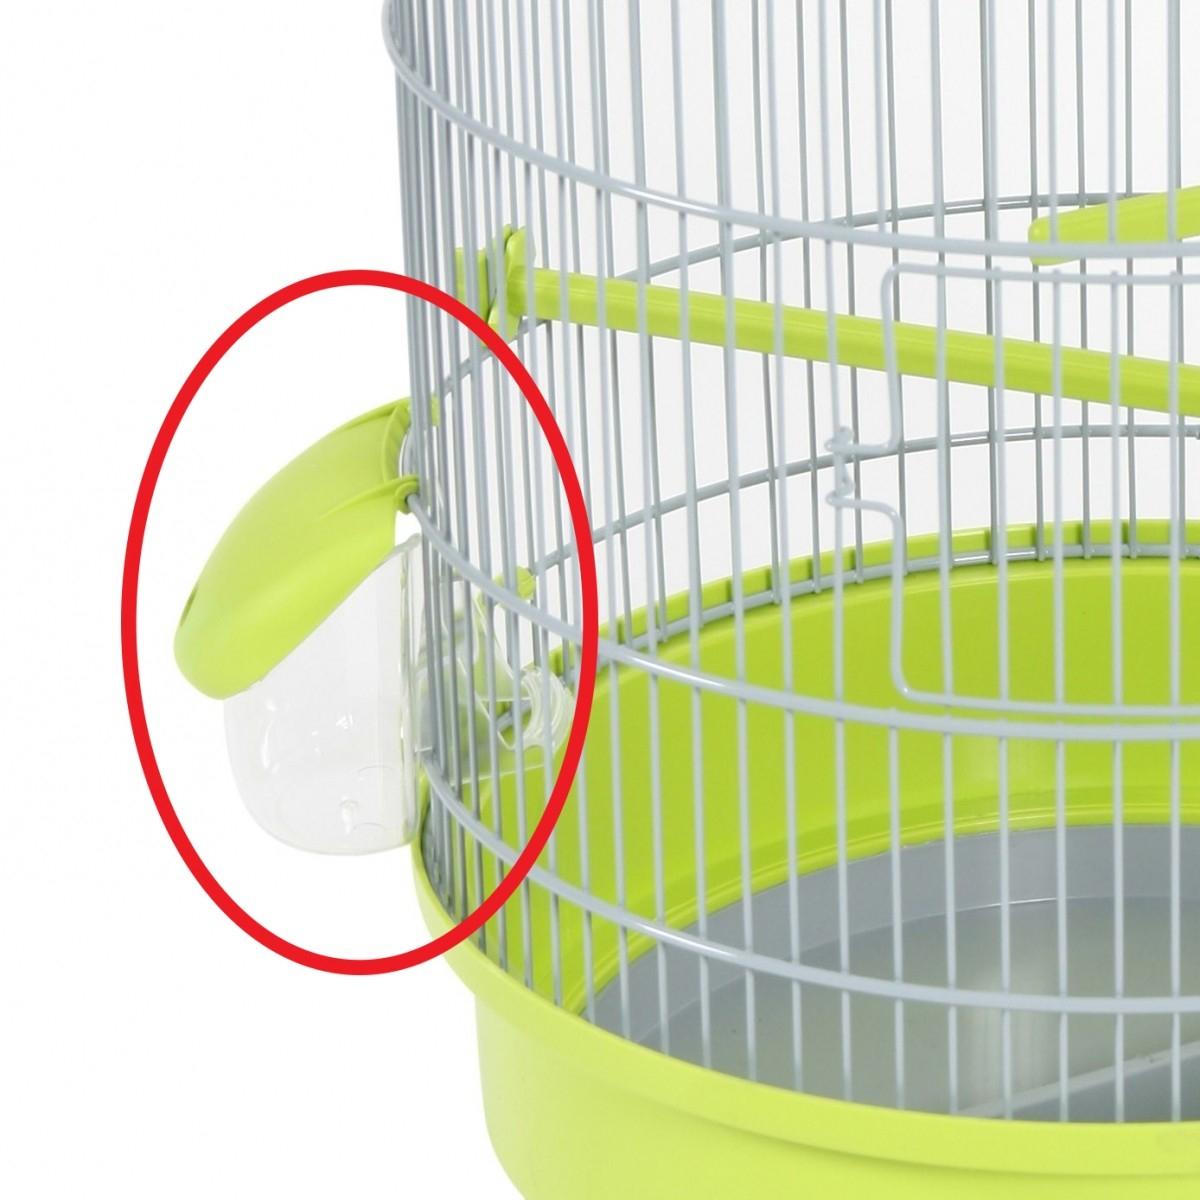 mangeoire pour cage zolux x2 pi ces de rechange pour cage oiseaux. Black Bedroom Furniture Sets. Home Design Ideas